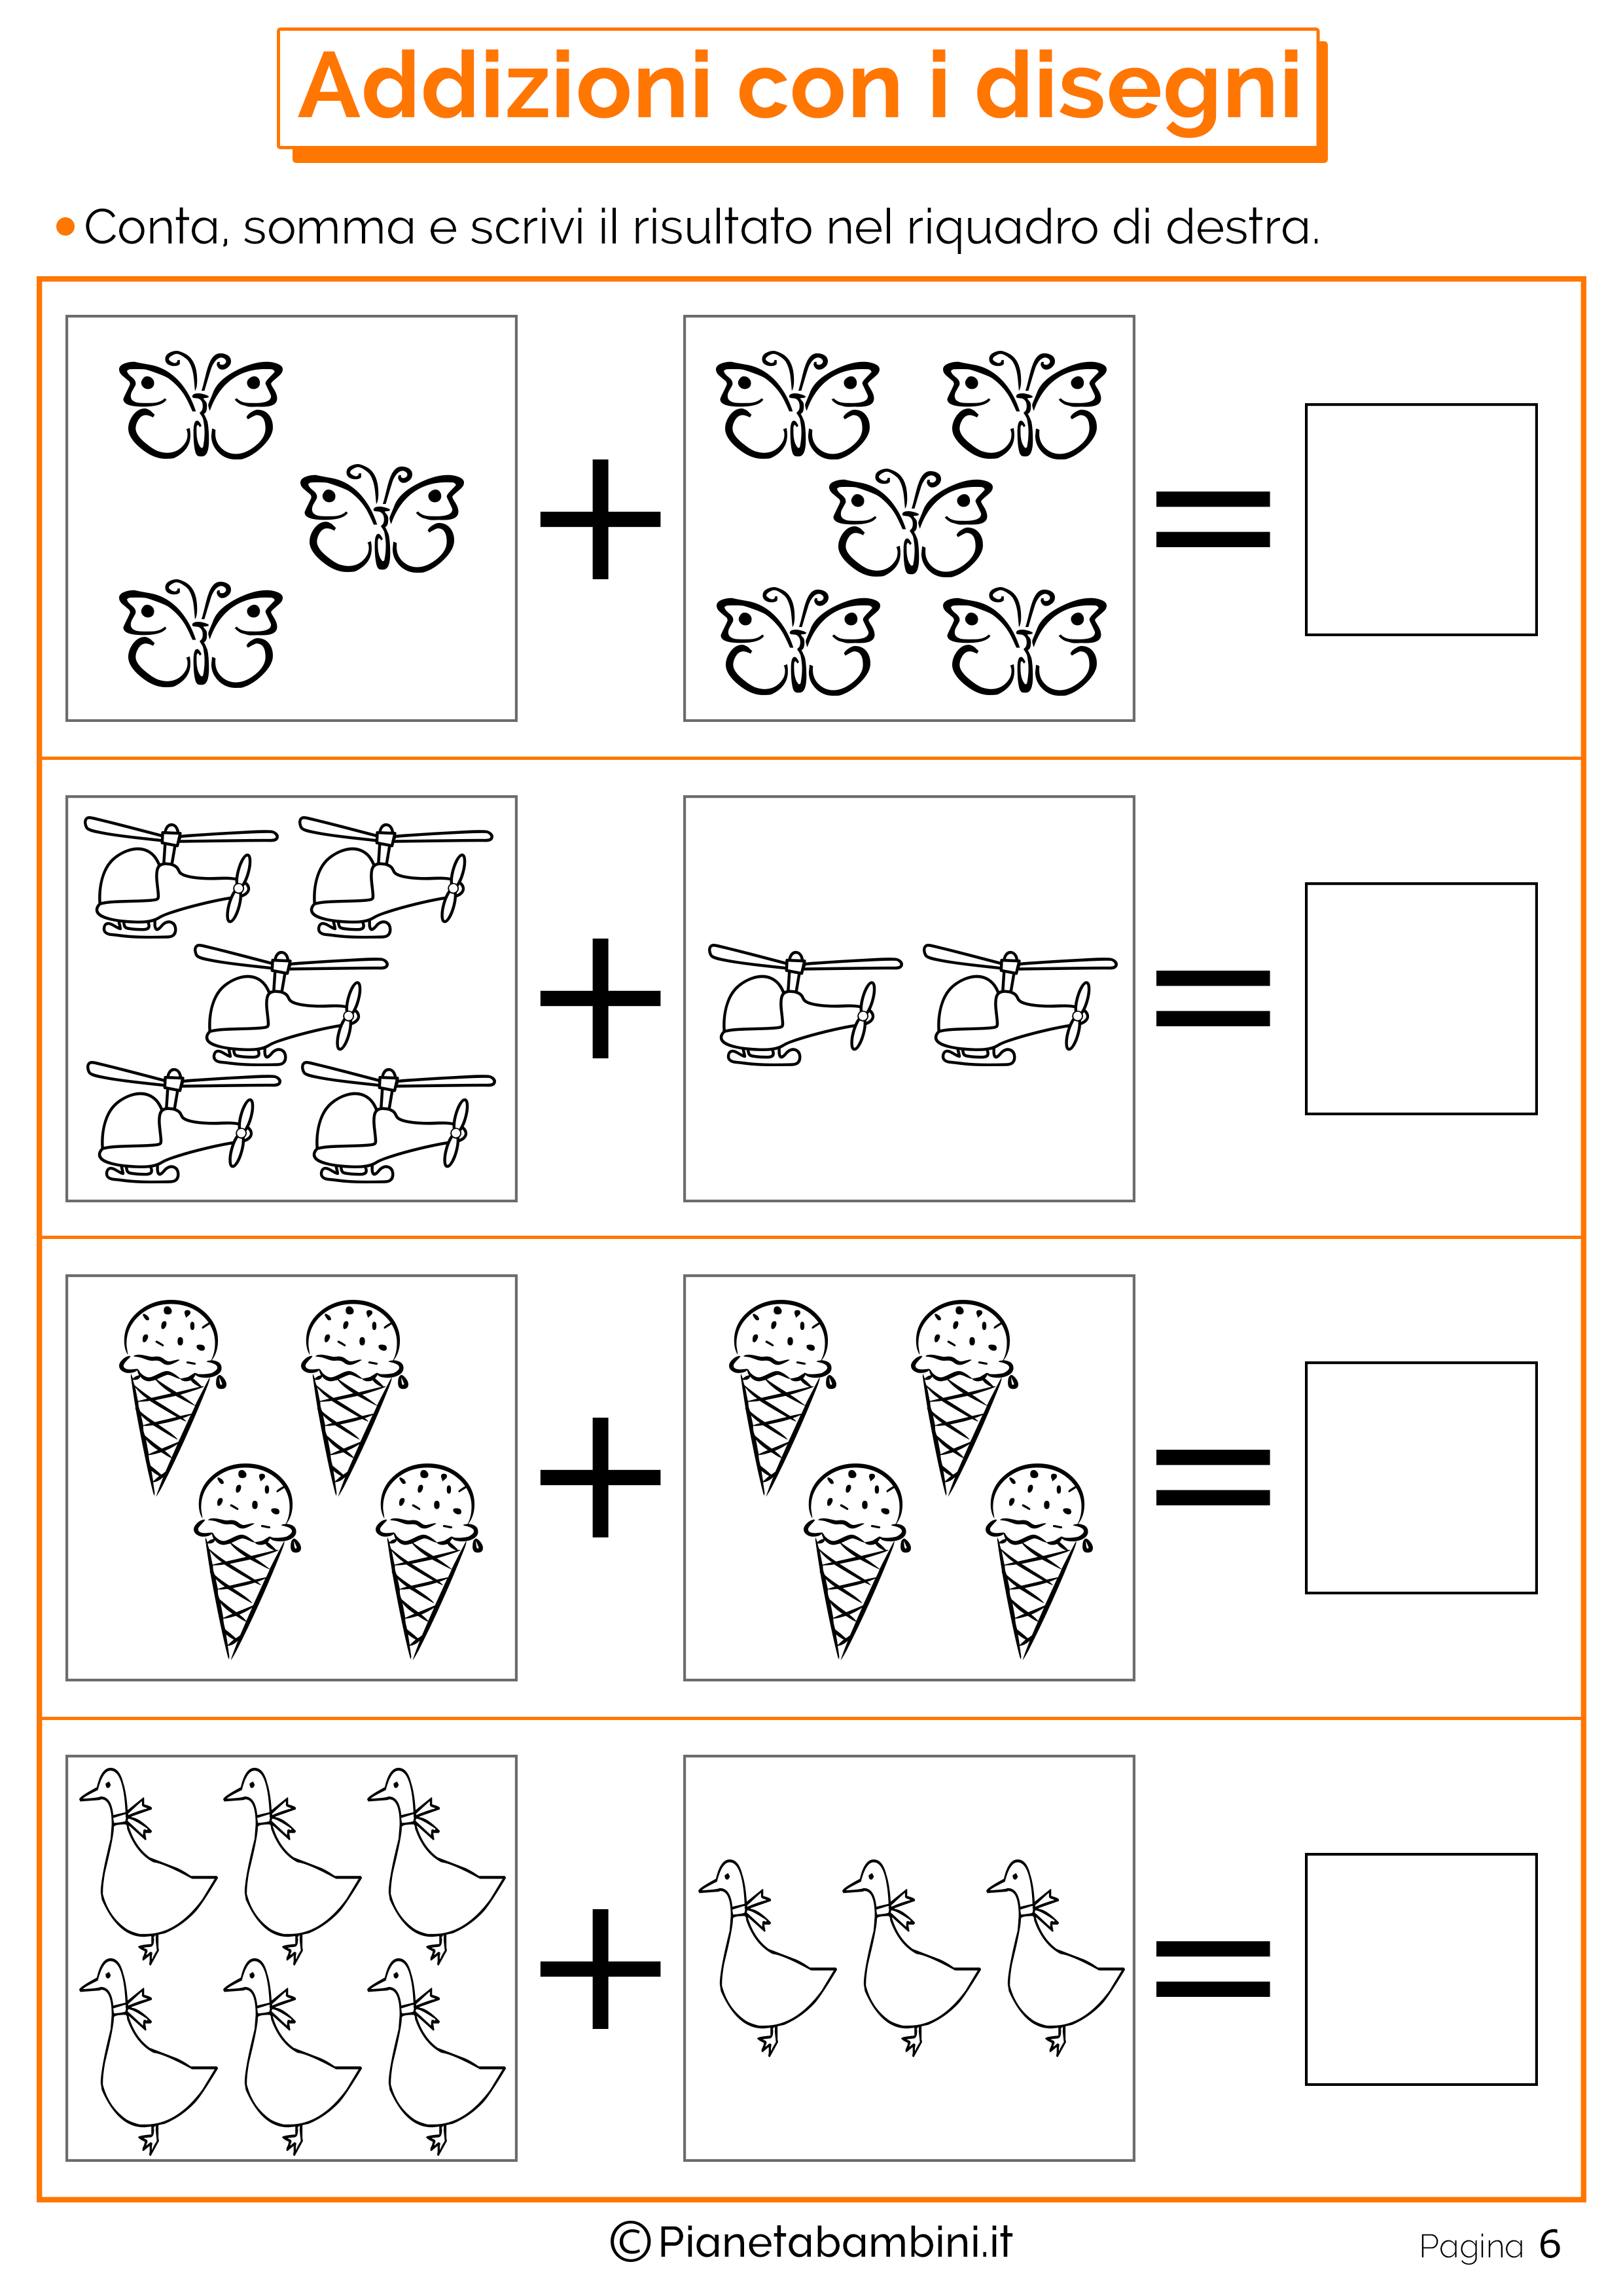 Addizioni E Sottrazioni Con Disegni Per Bambini Pianetabambini It